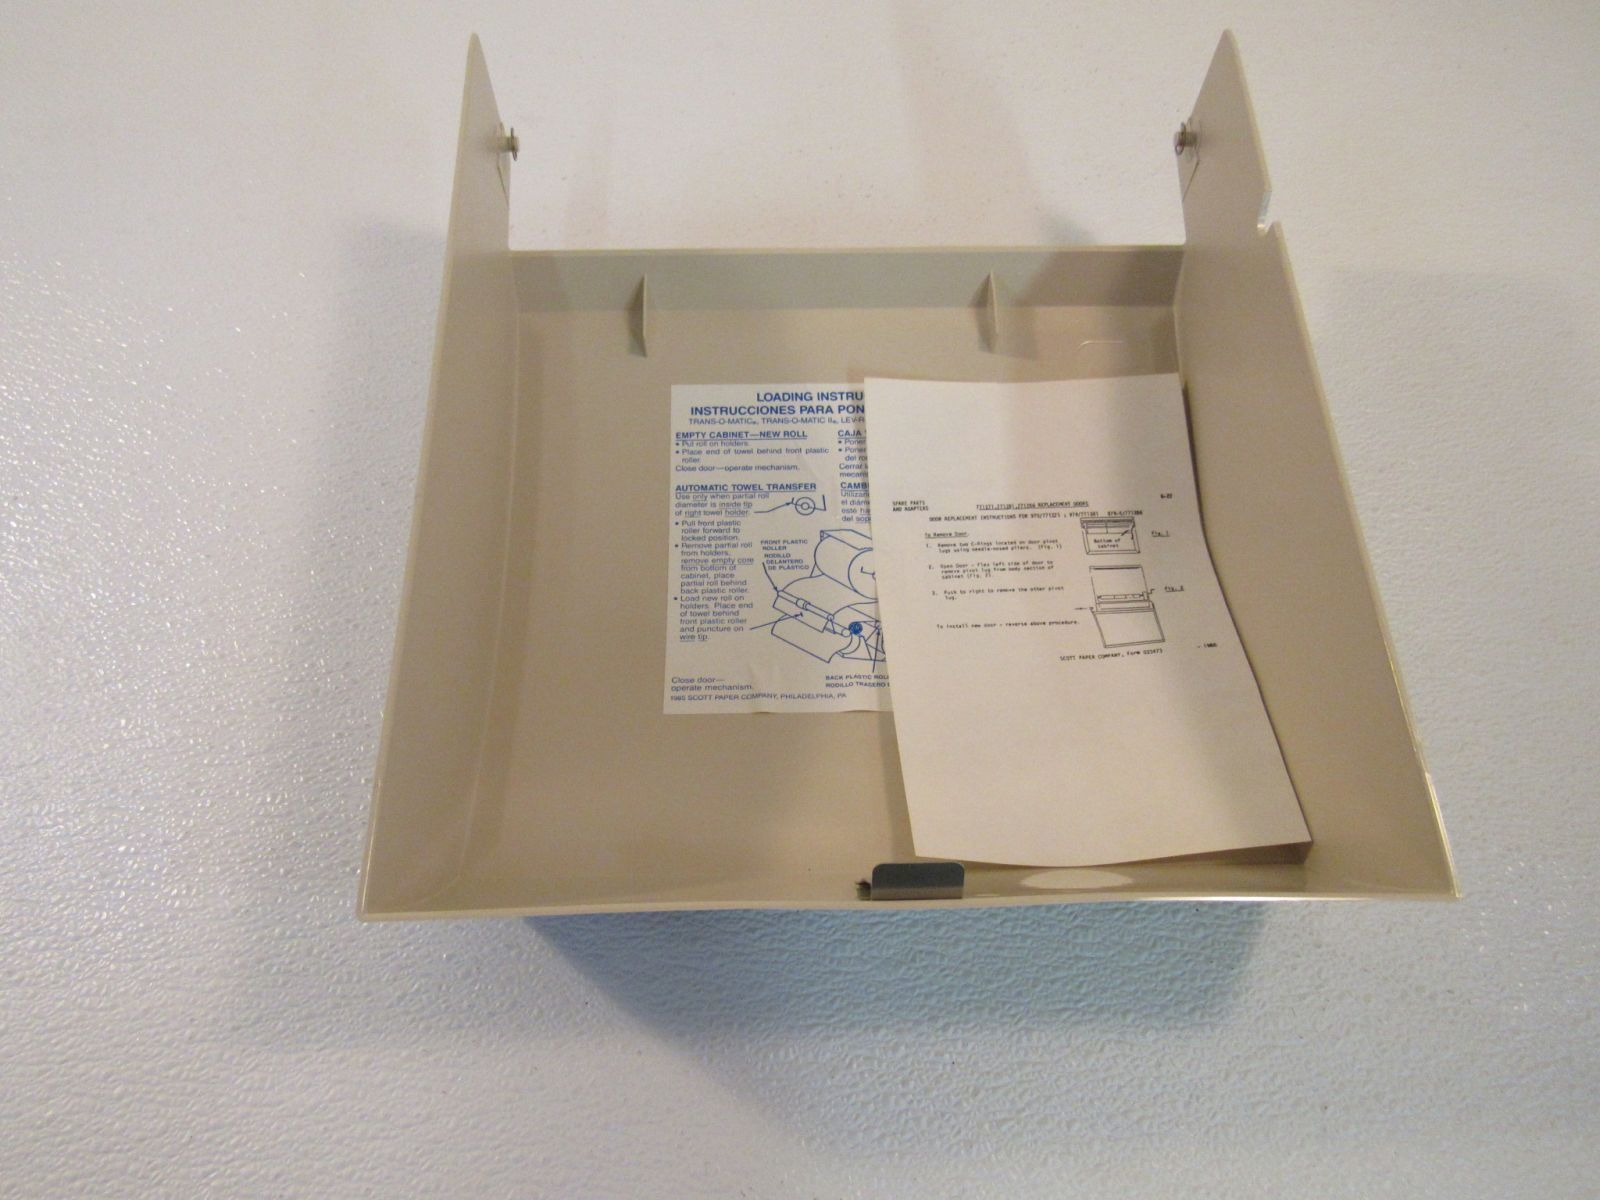 Scott Replacement Door Paper Towel Dispenser Beige For 979-5 771286 Plastic